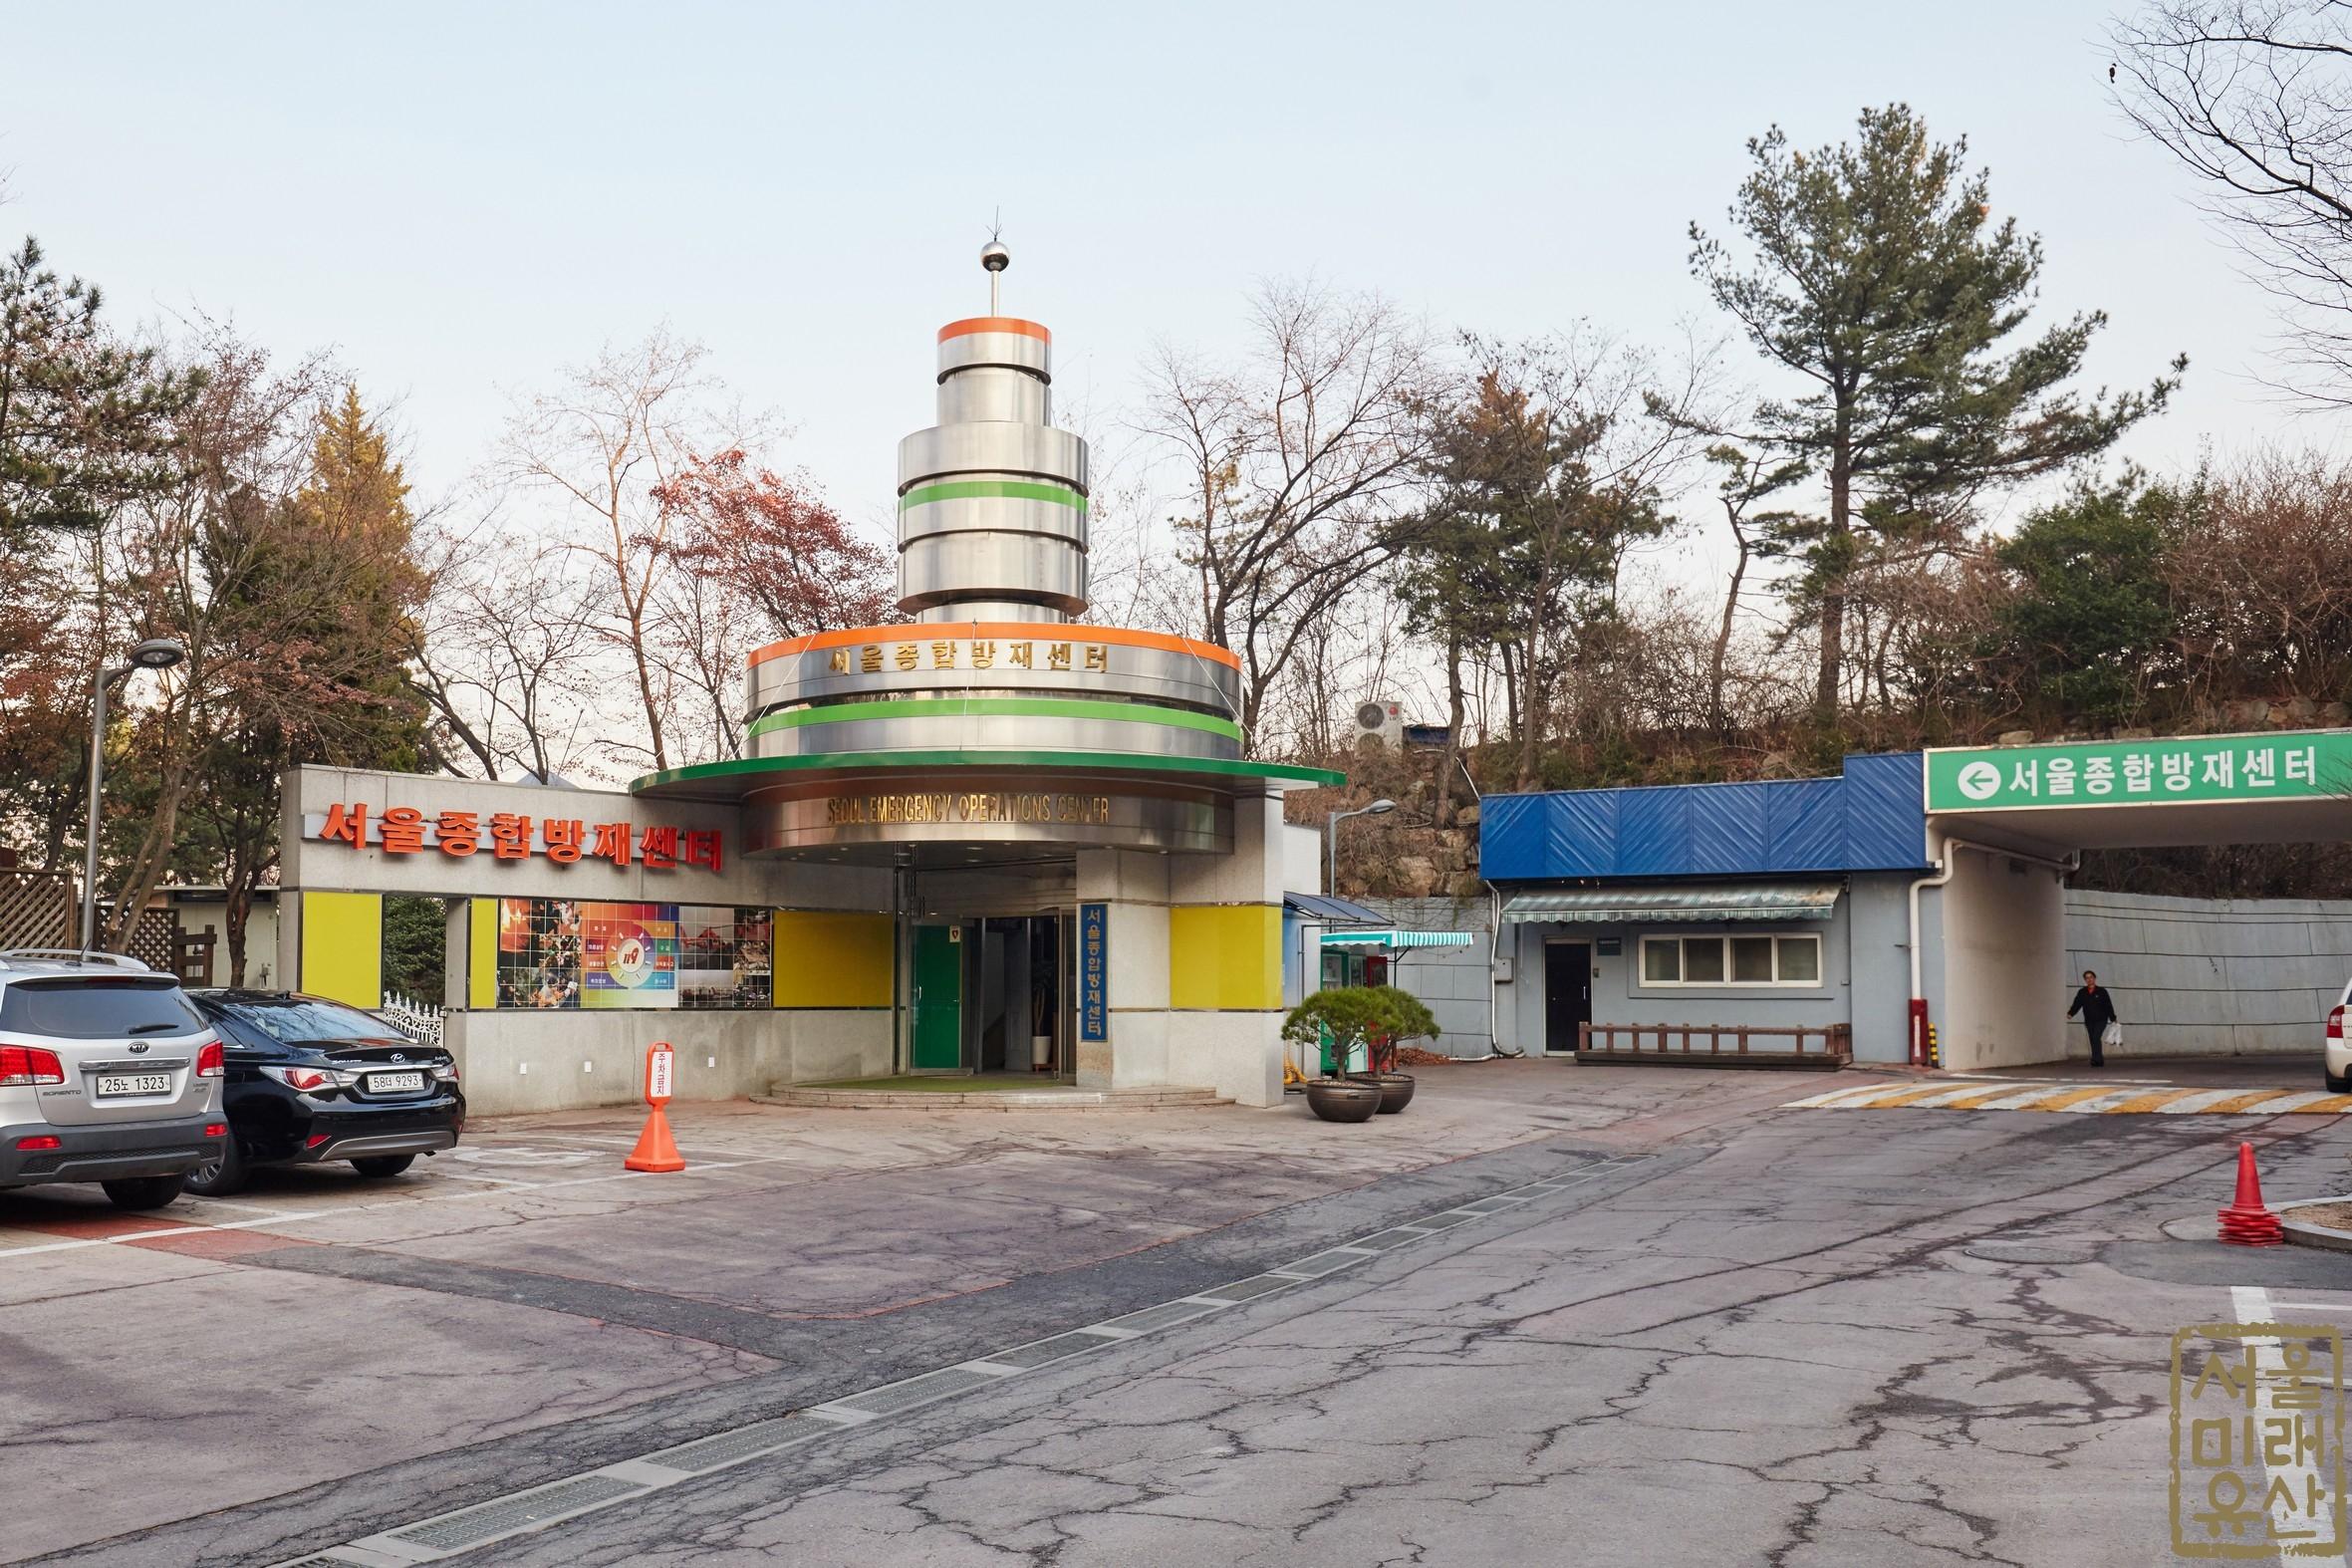 서울종합방재센터 전경1